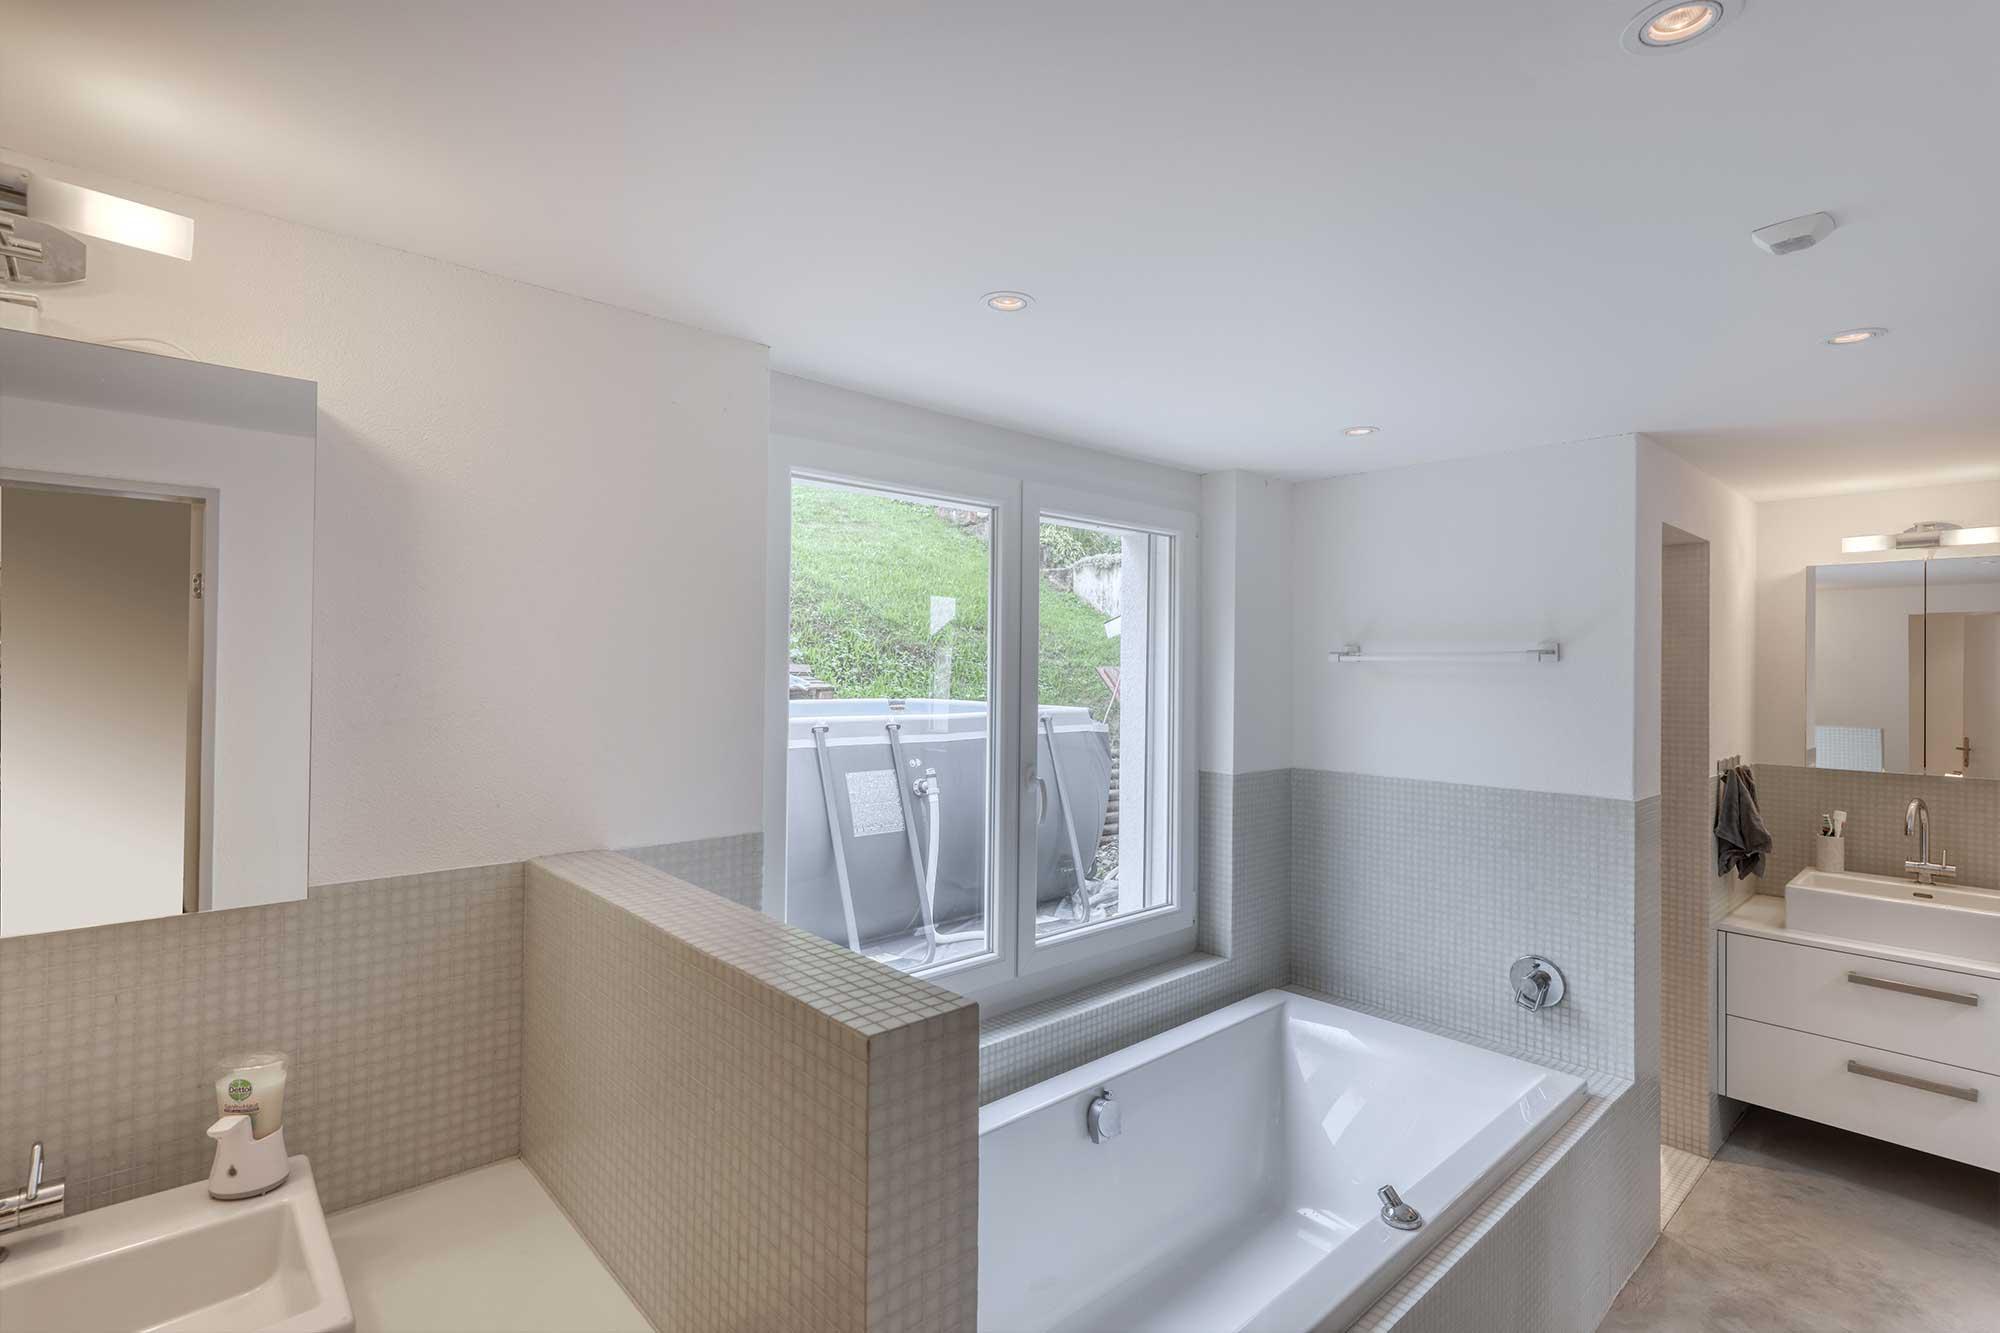 Das Haus ist mit hochqualitativen Apparaturen ausgestattet, so auch das Badezimmer.